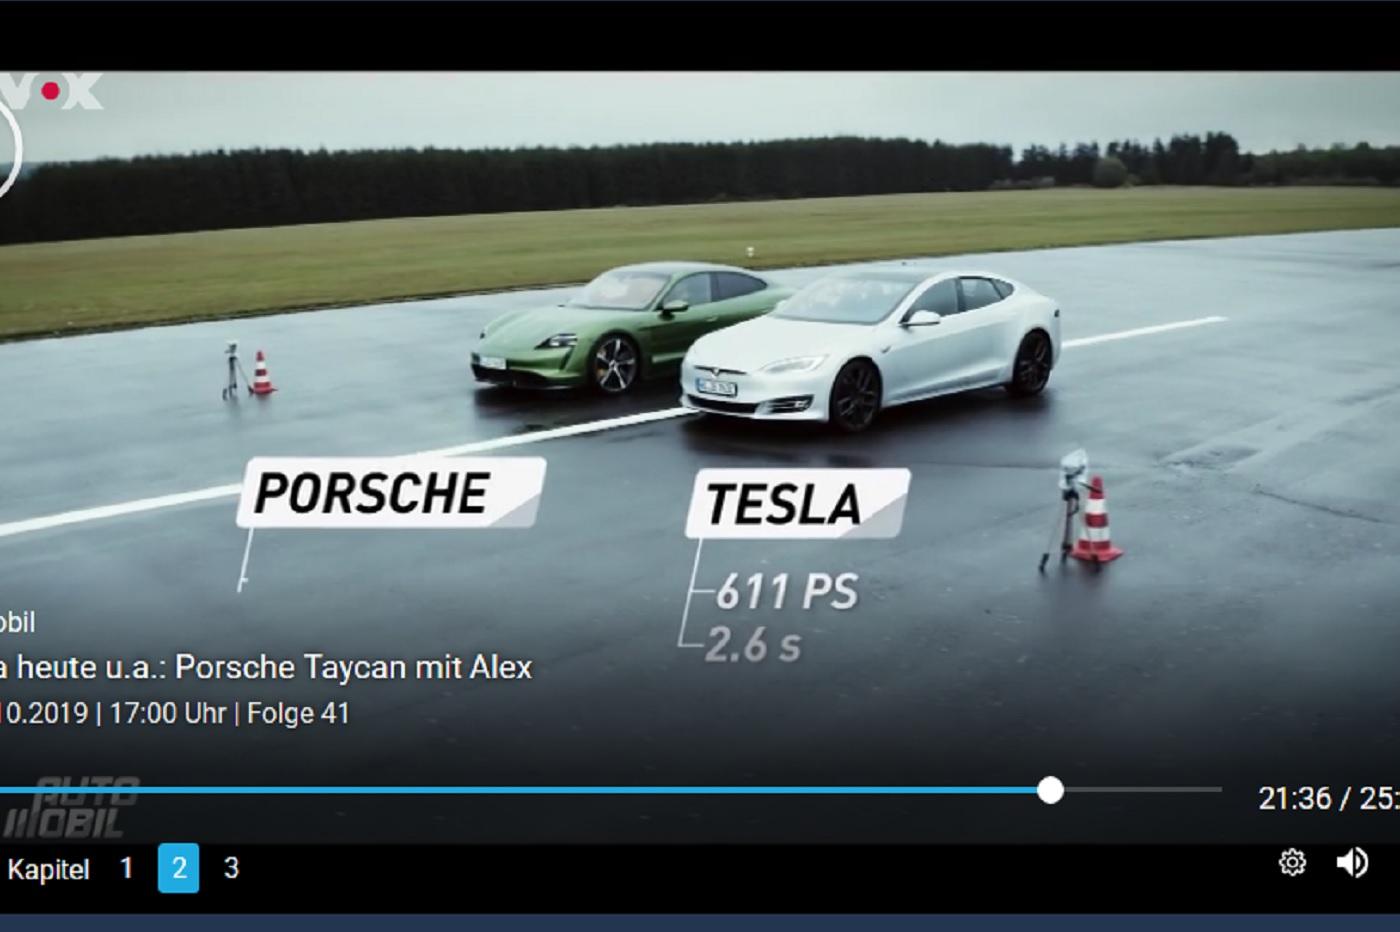 Voici la première confrontation directe entre une Porsche Taycan et une Tesla Model S (vidéo)